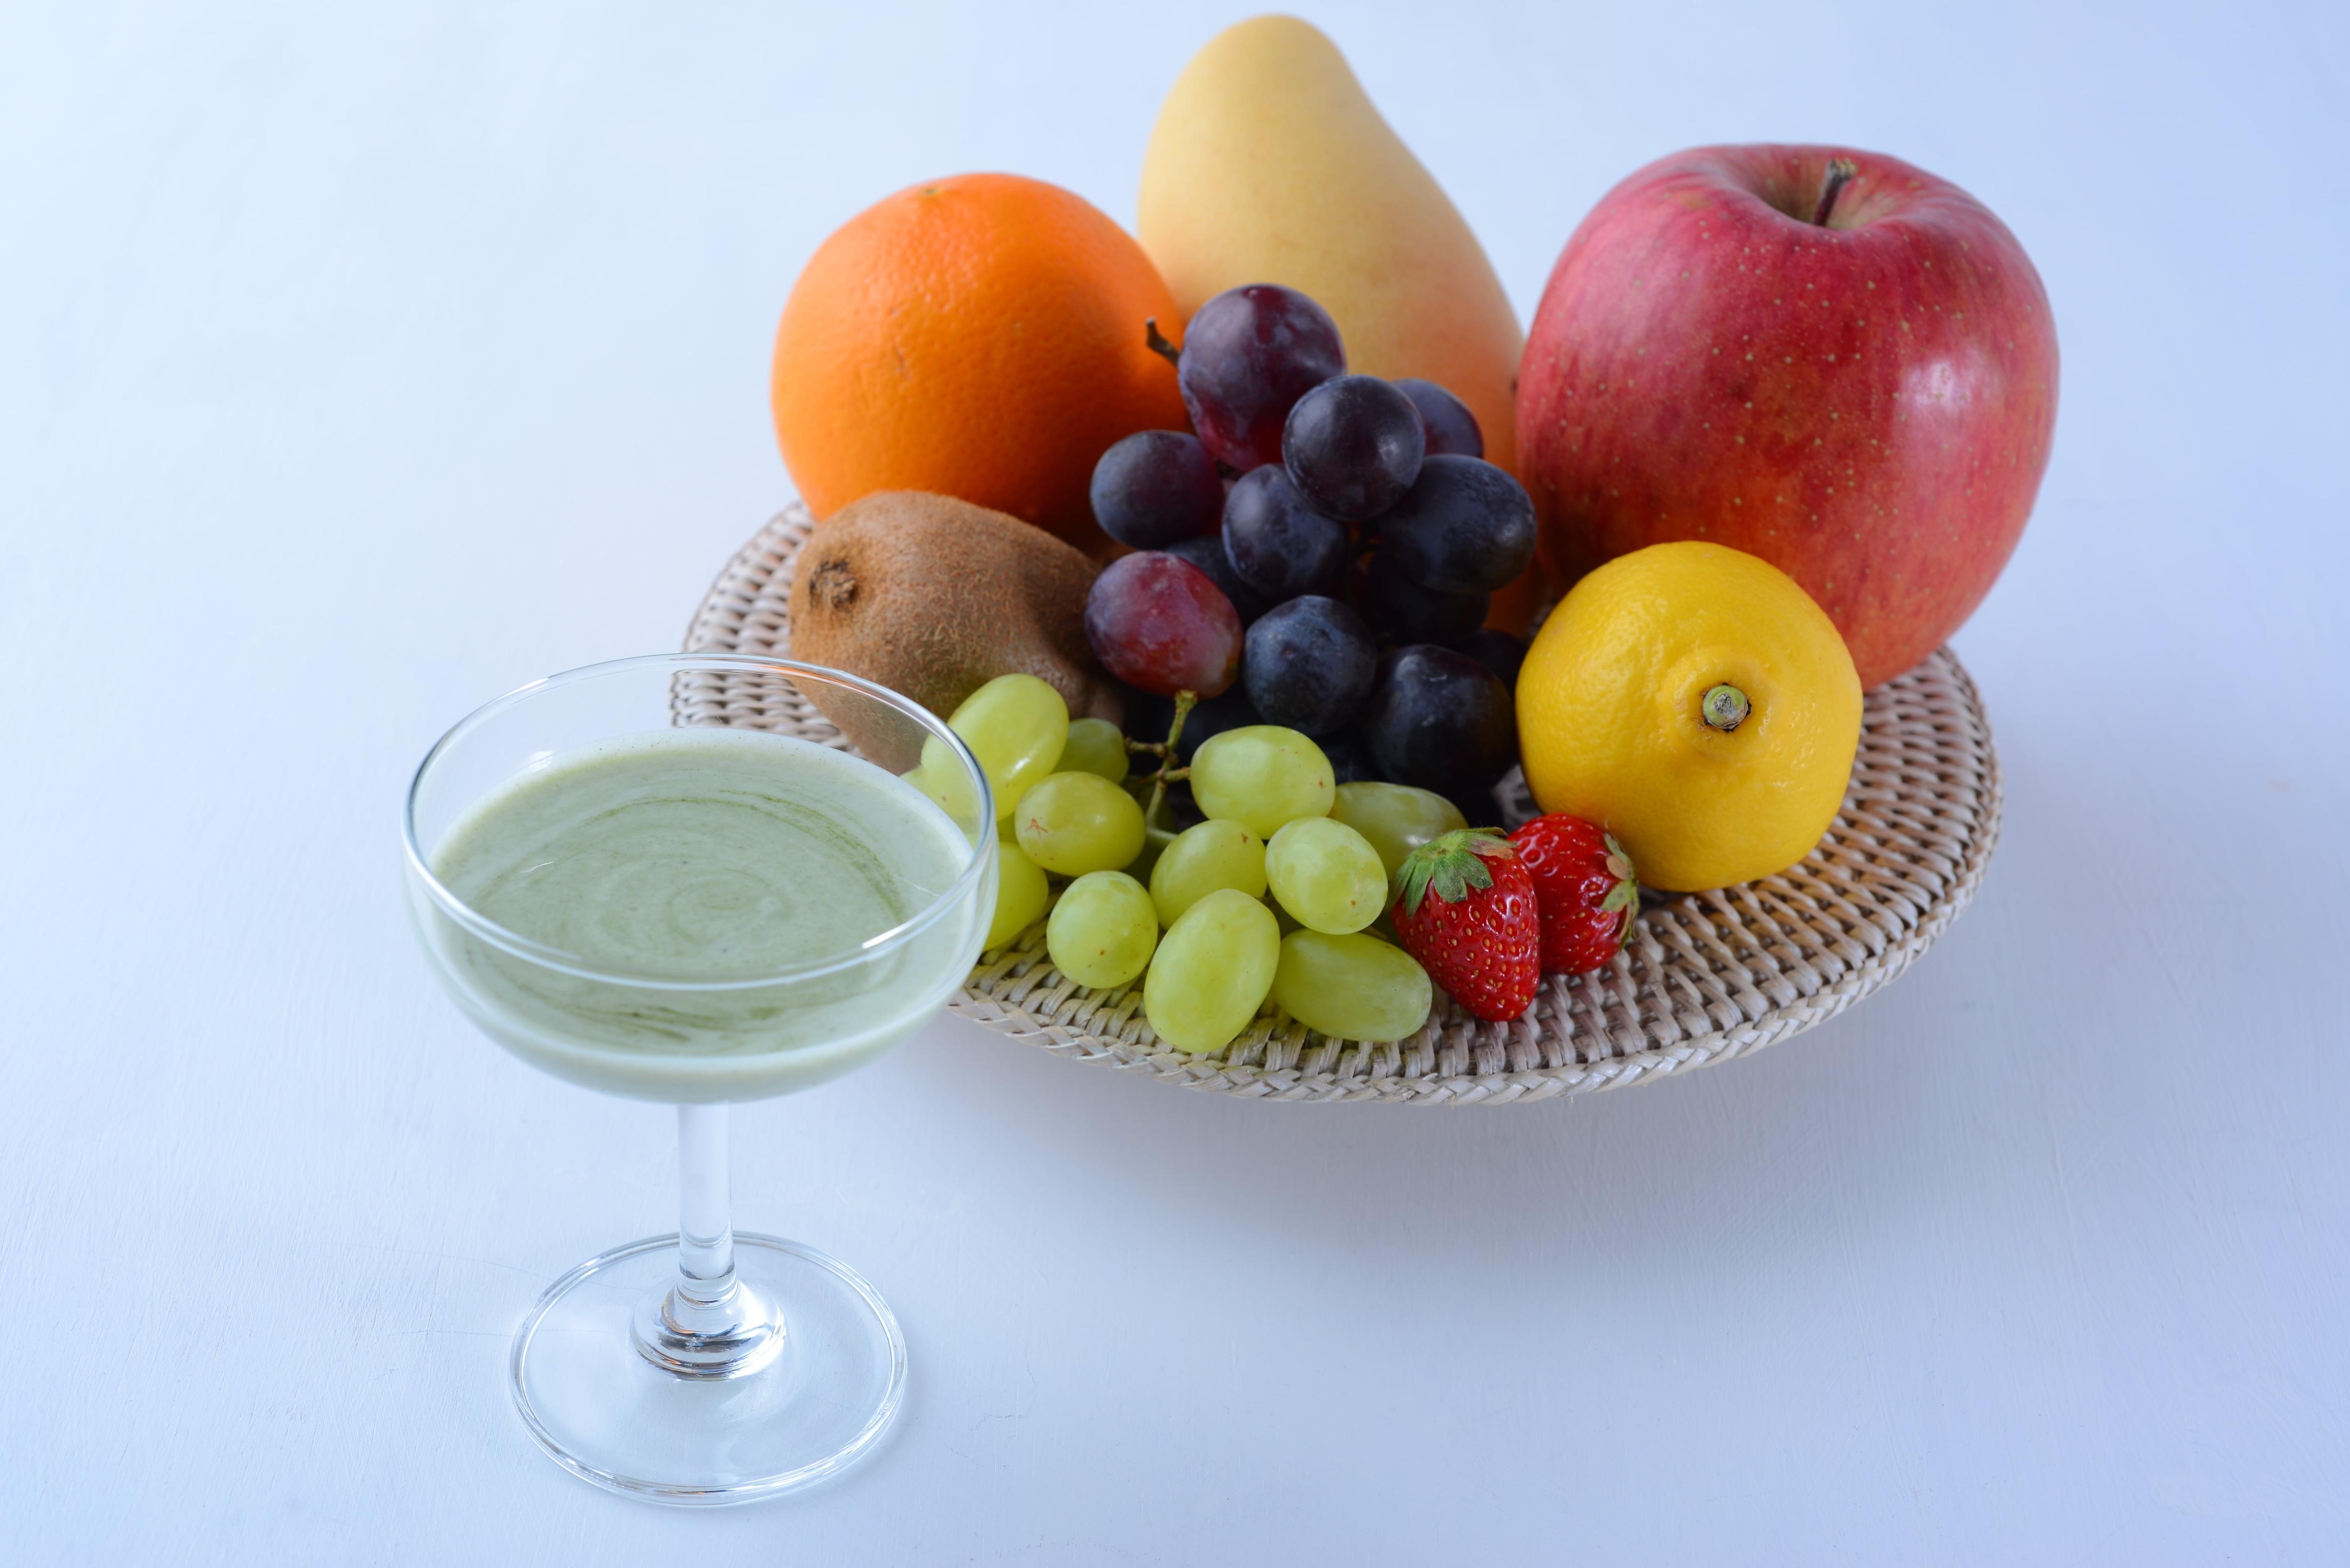 モリンガフルーツ青汁のイメージその2